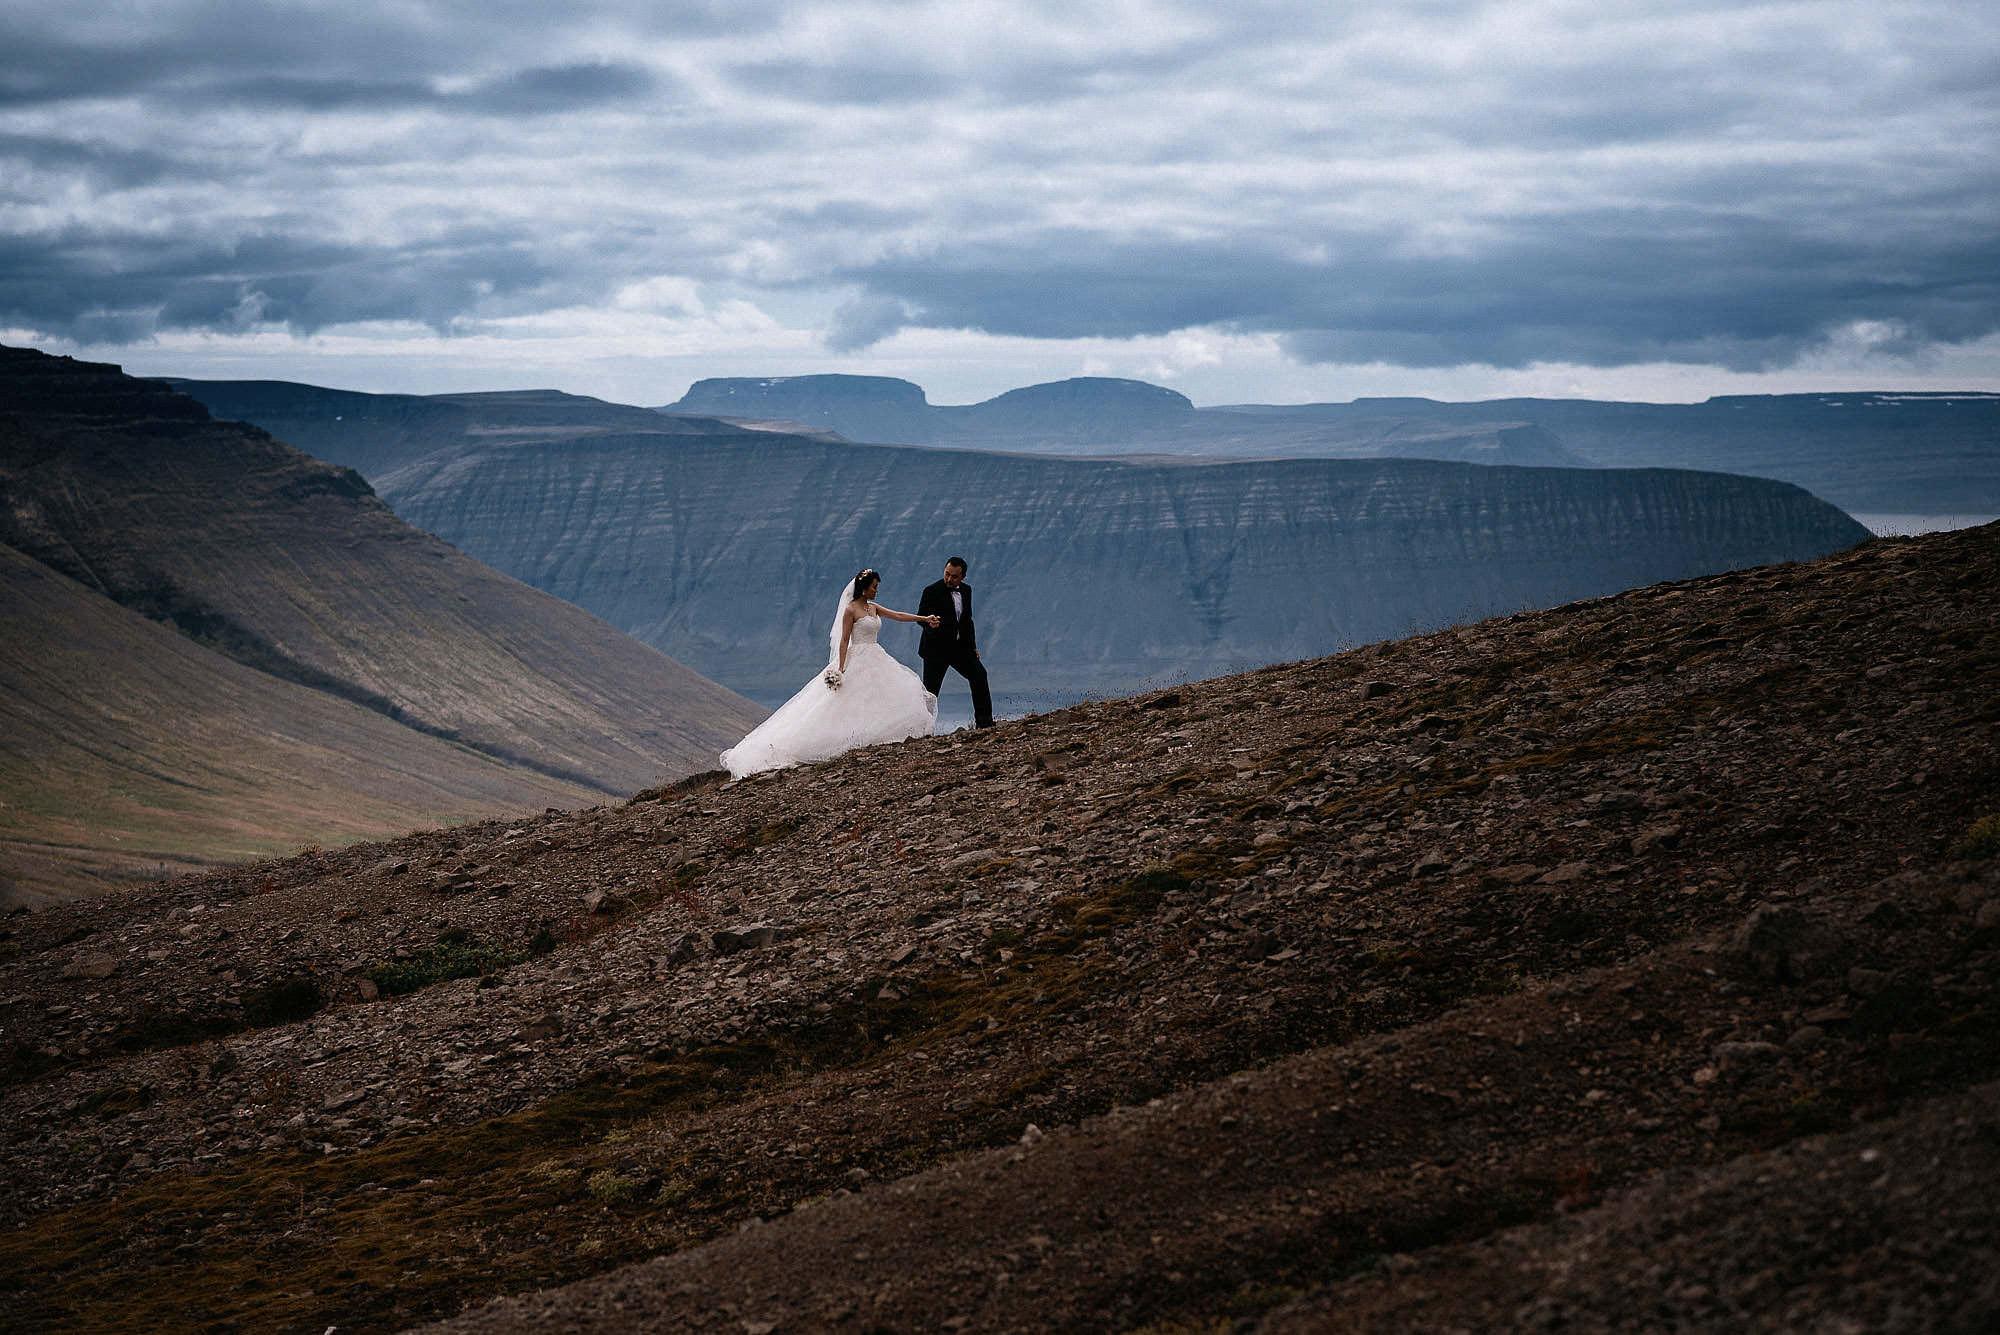 iceland-wedding-photographer_jere-satamo_photography-reykjavik-029.jpg